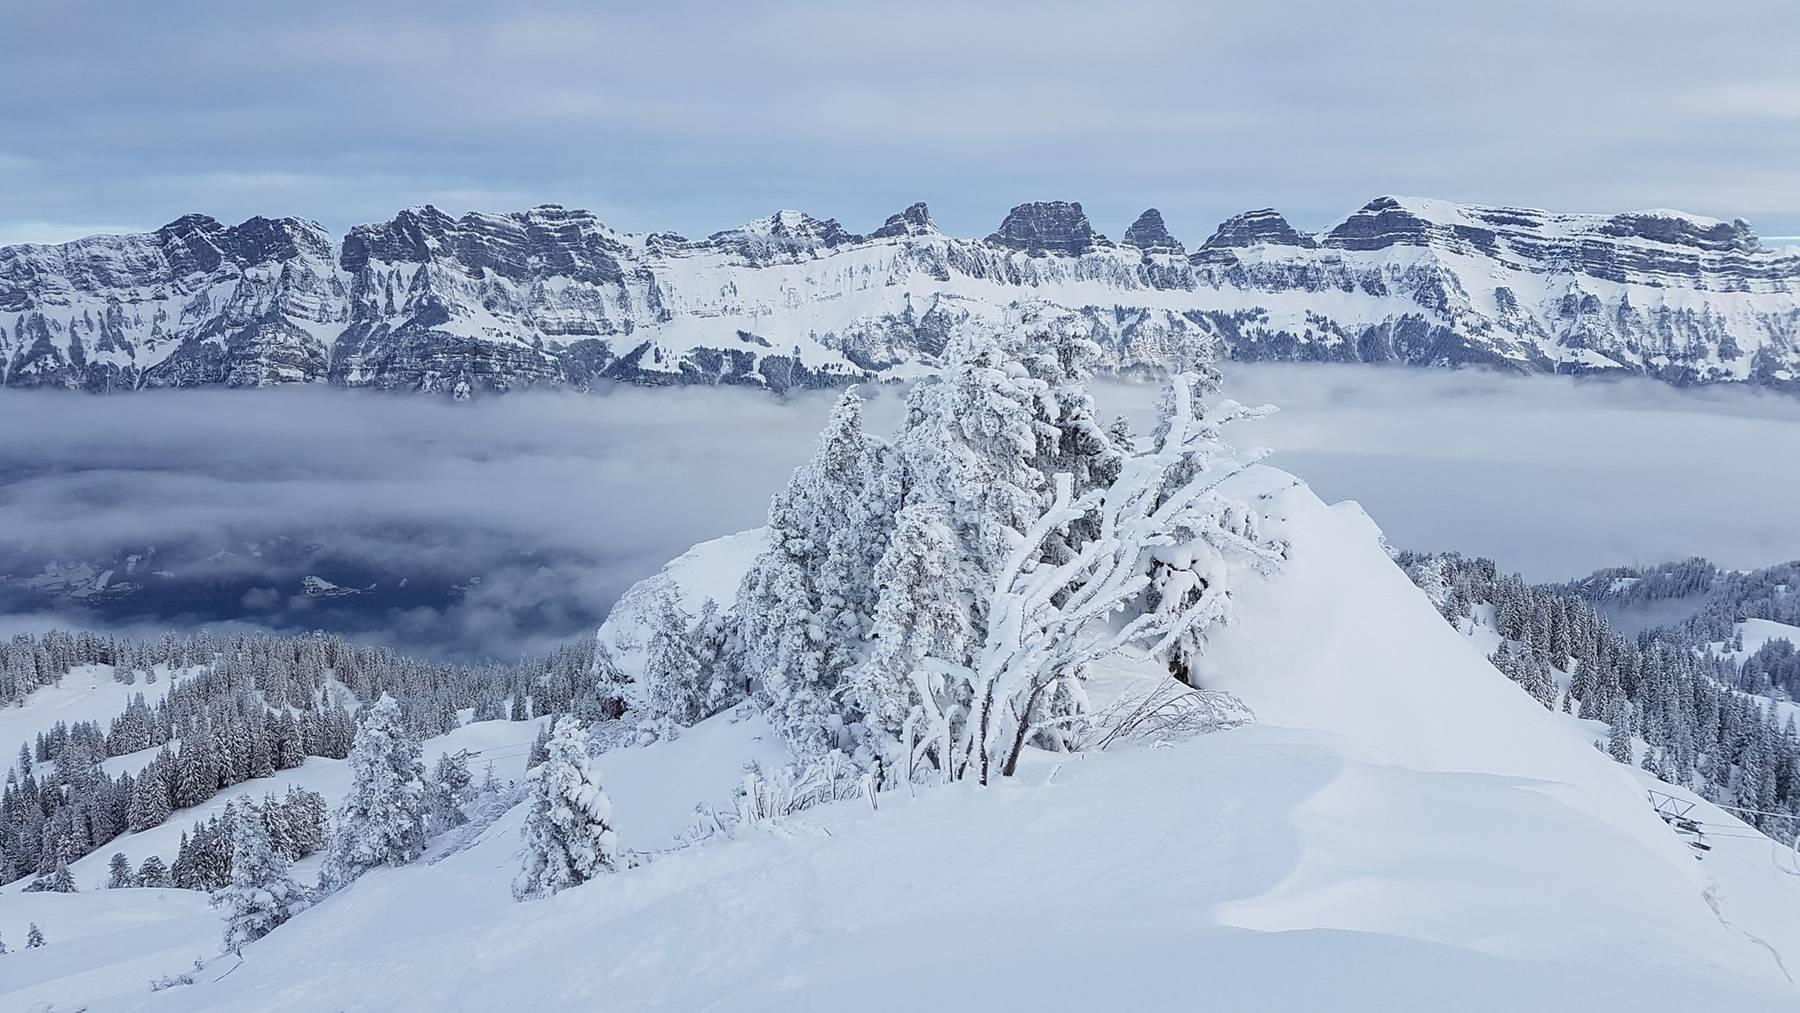 Am Wochenende wird viel Schnee und starker Wind erwartet. Die Bergbahnen Flumserberg freuen sich auf den grossen Schnee.